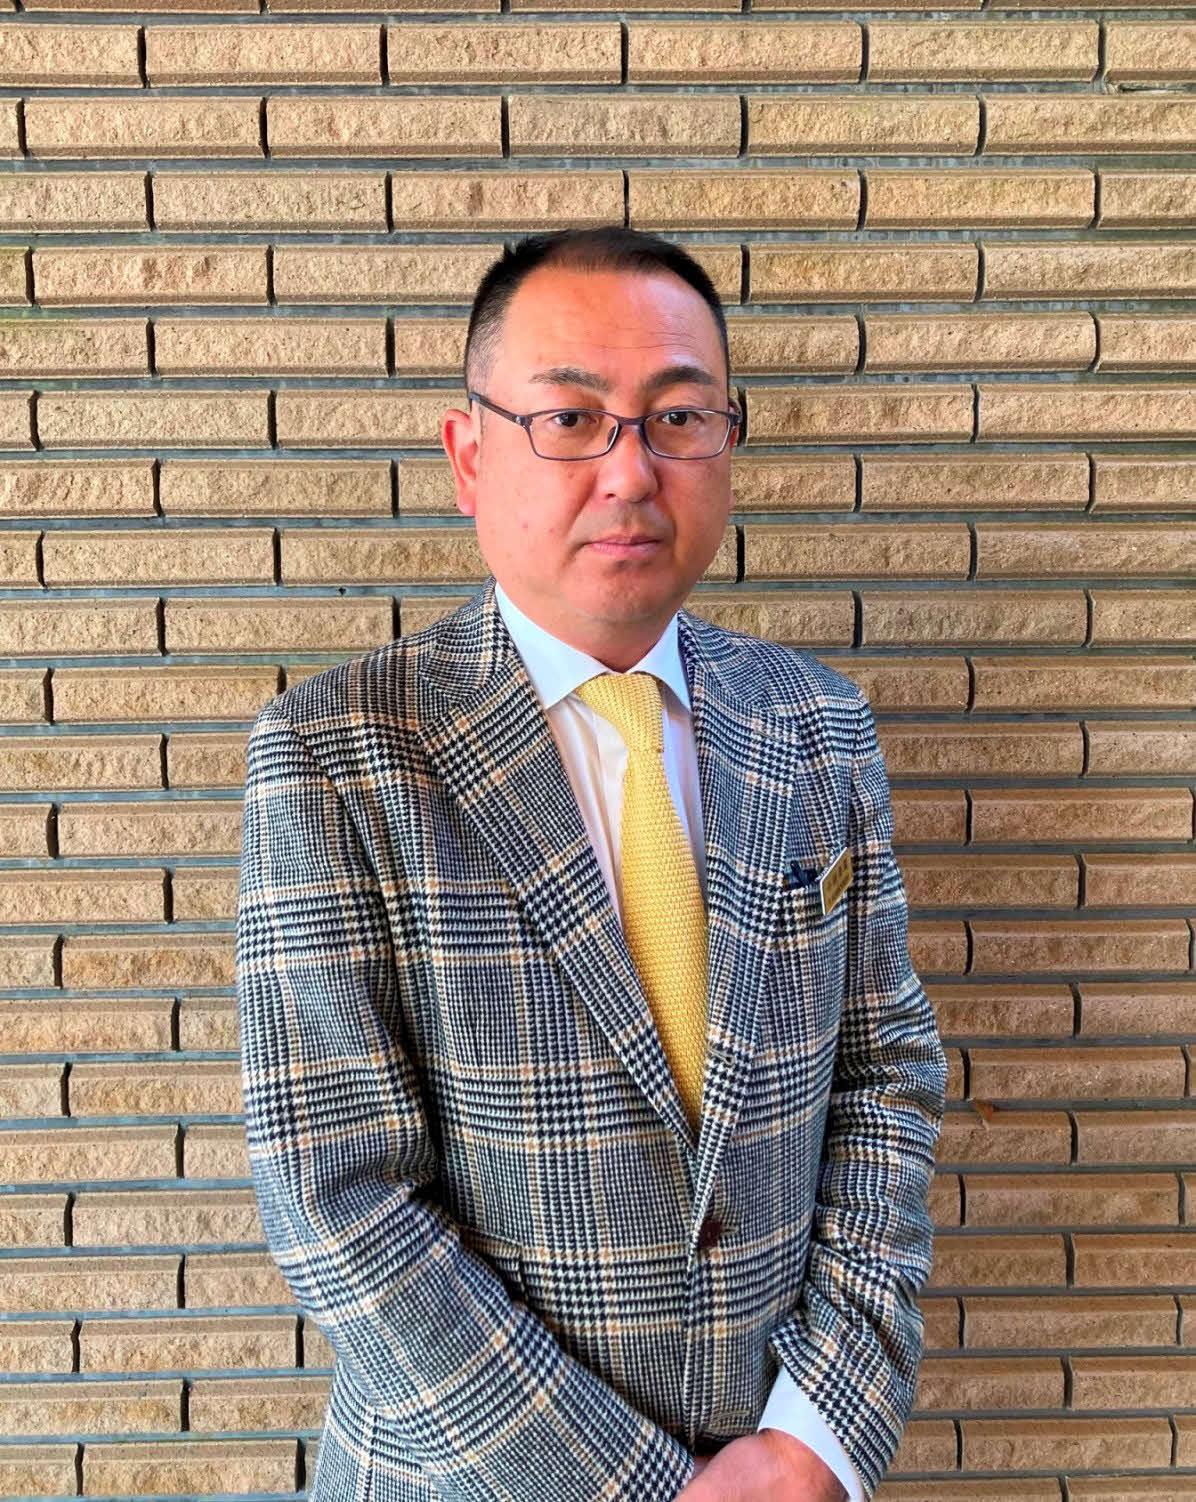 太平洋クラブ御殿場コース・小林泰隆支配人(本人提供)